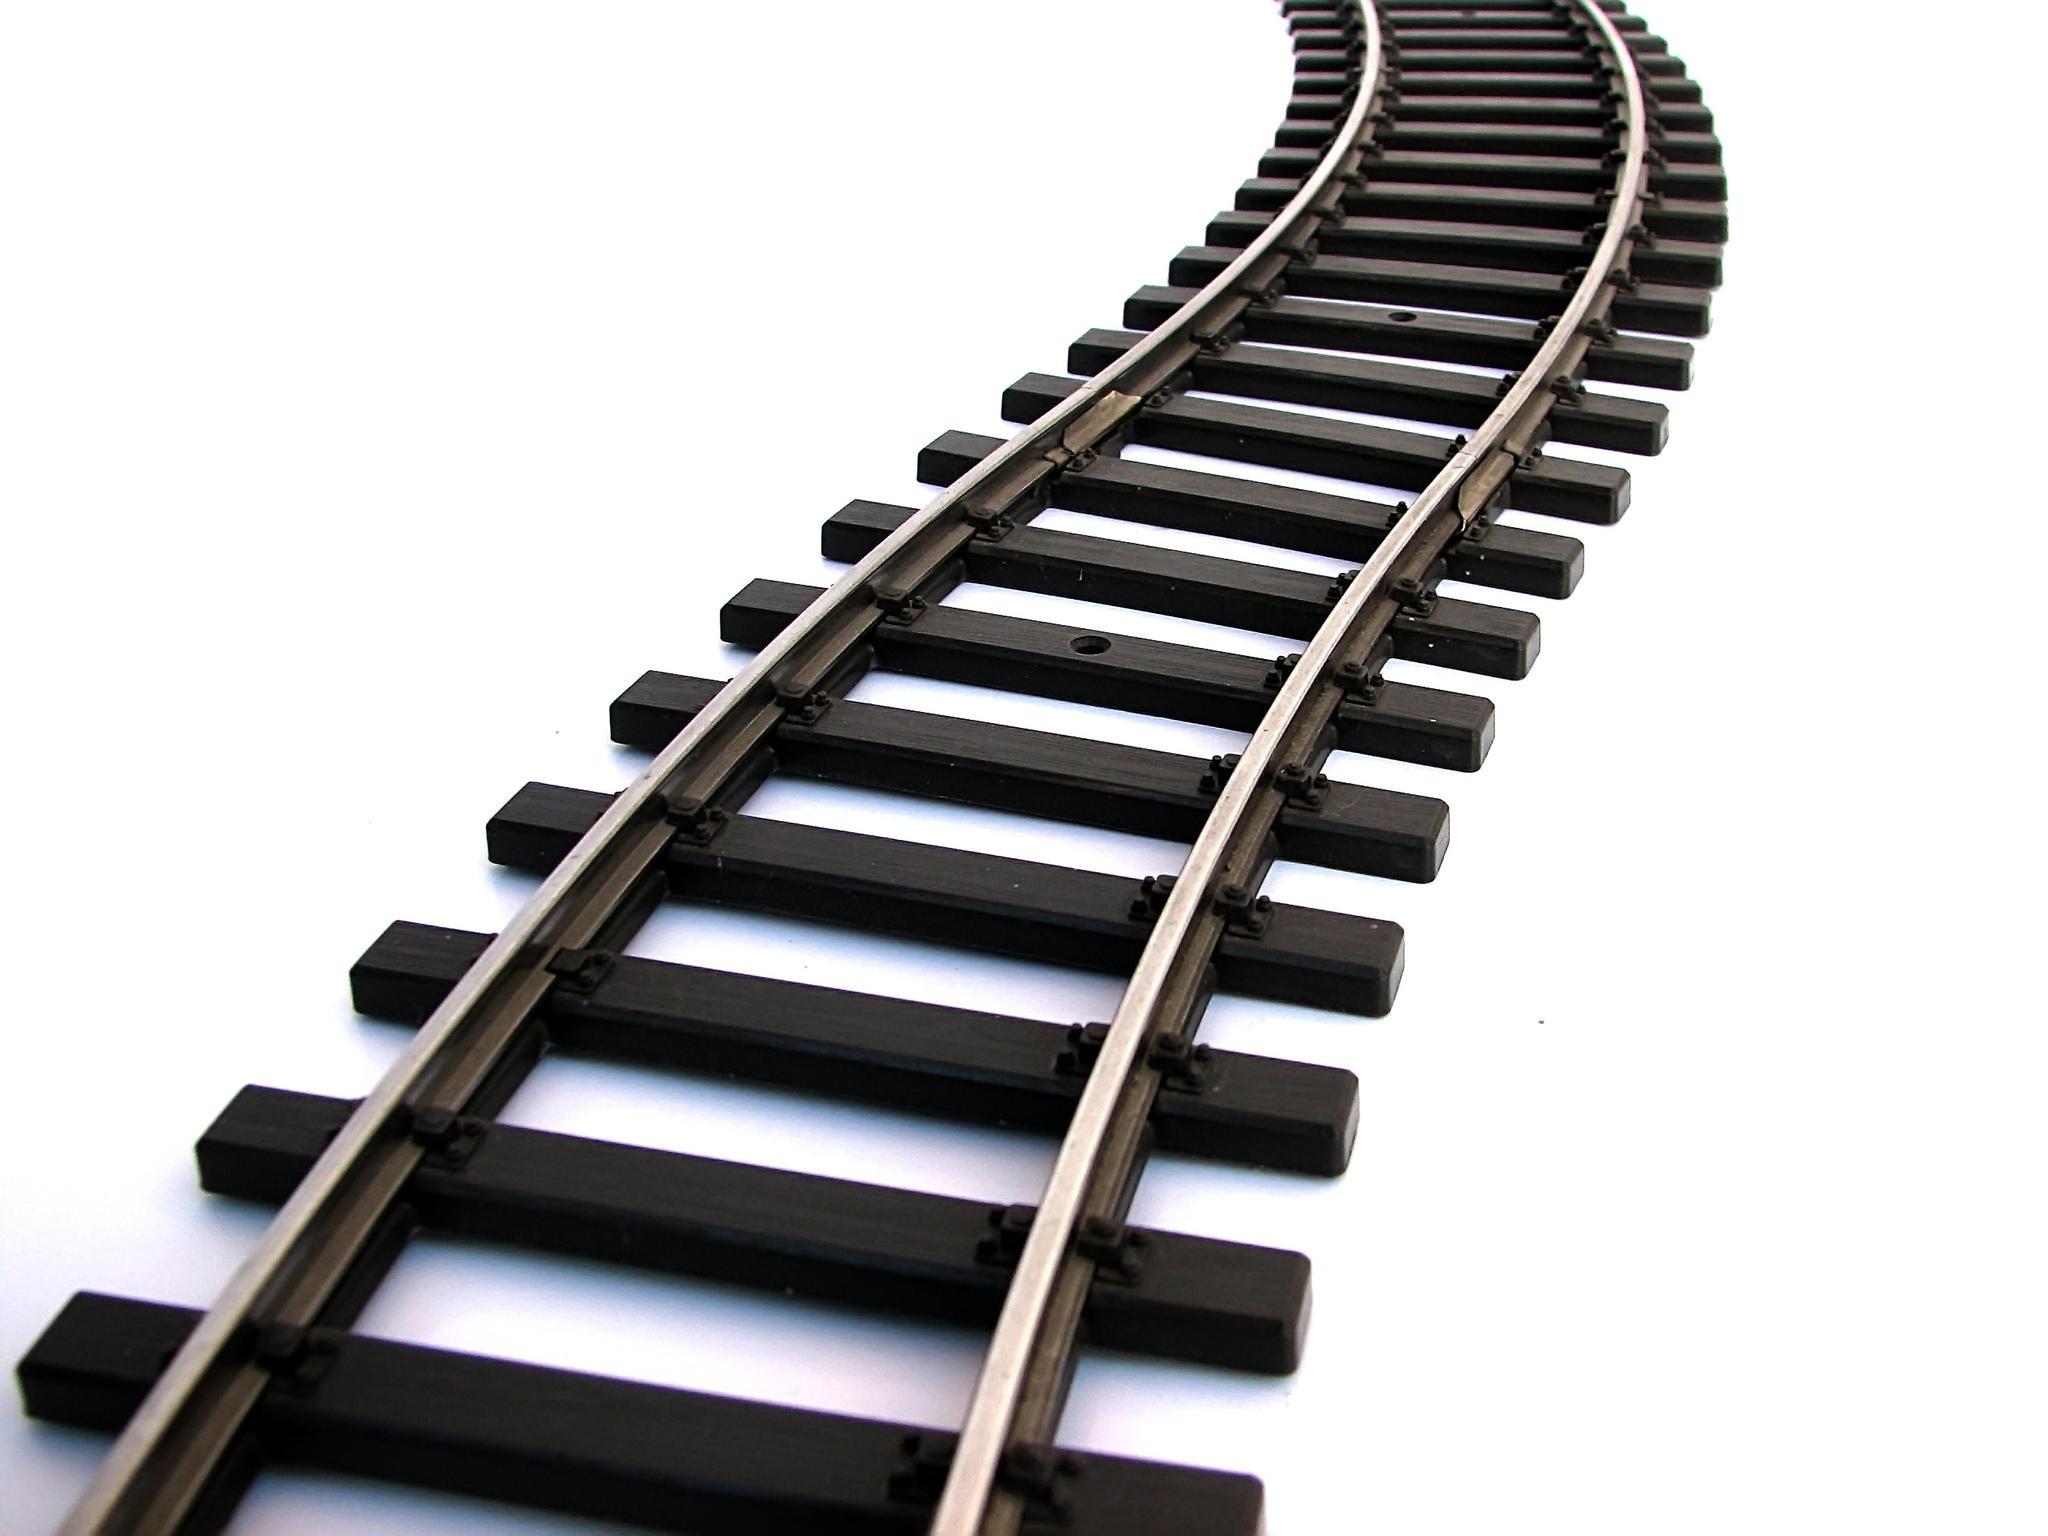 railroad clipartlook. Track clipart rail track